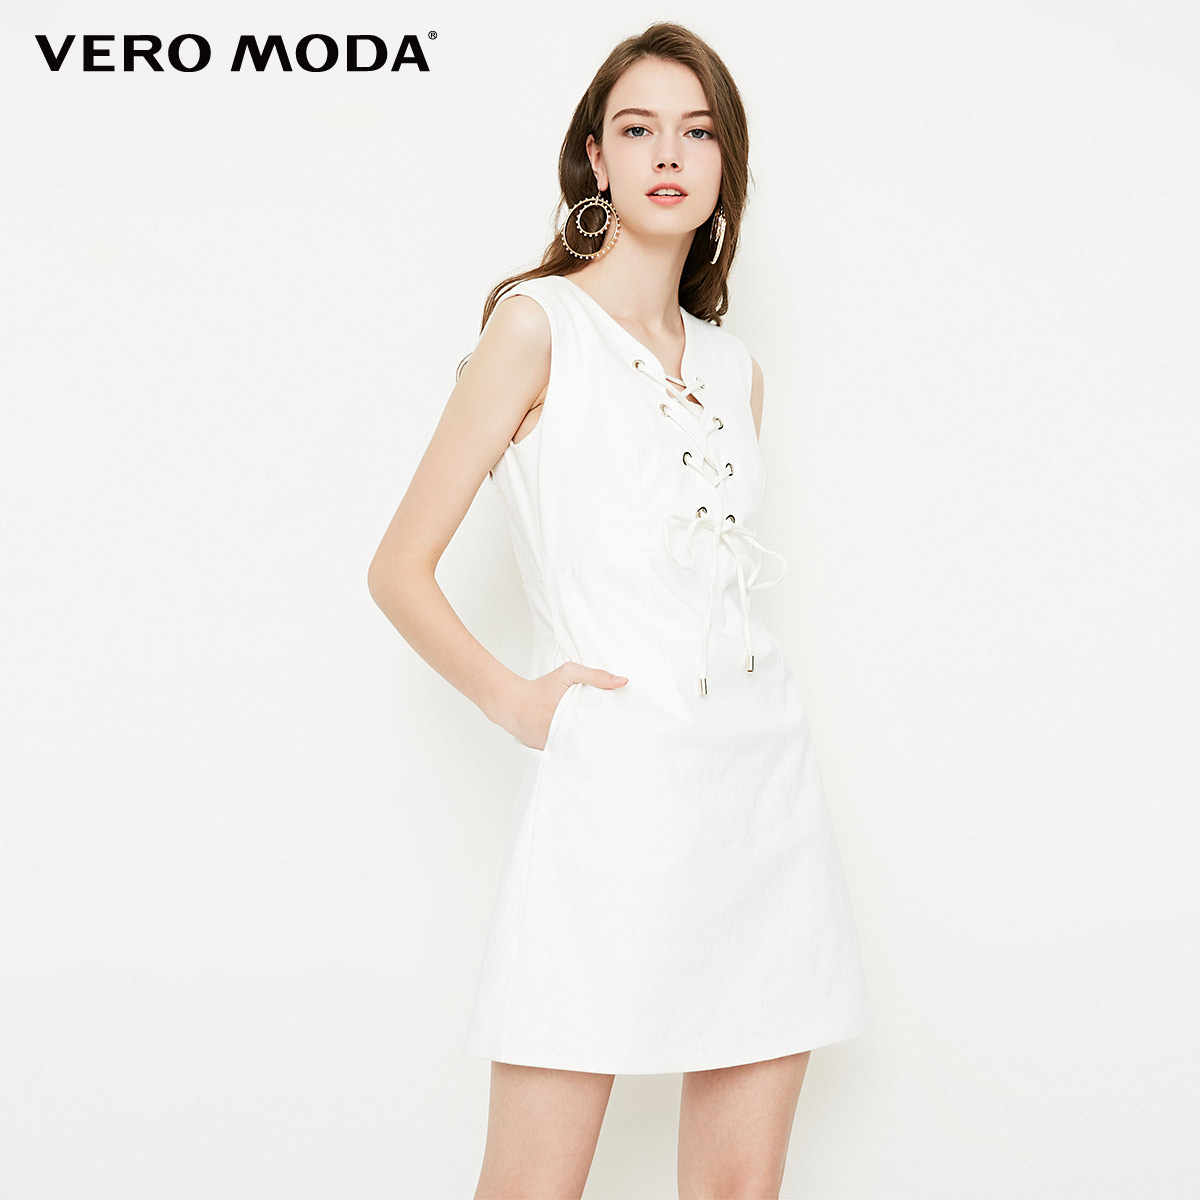 Vero Moda 2019 новое платье без бретелек без рукавов из джинсовой ткани | 318242507